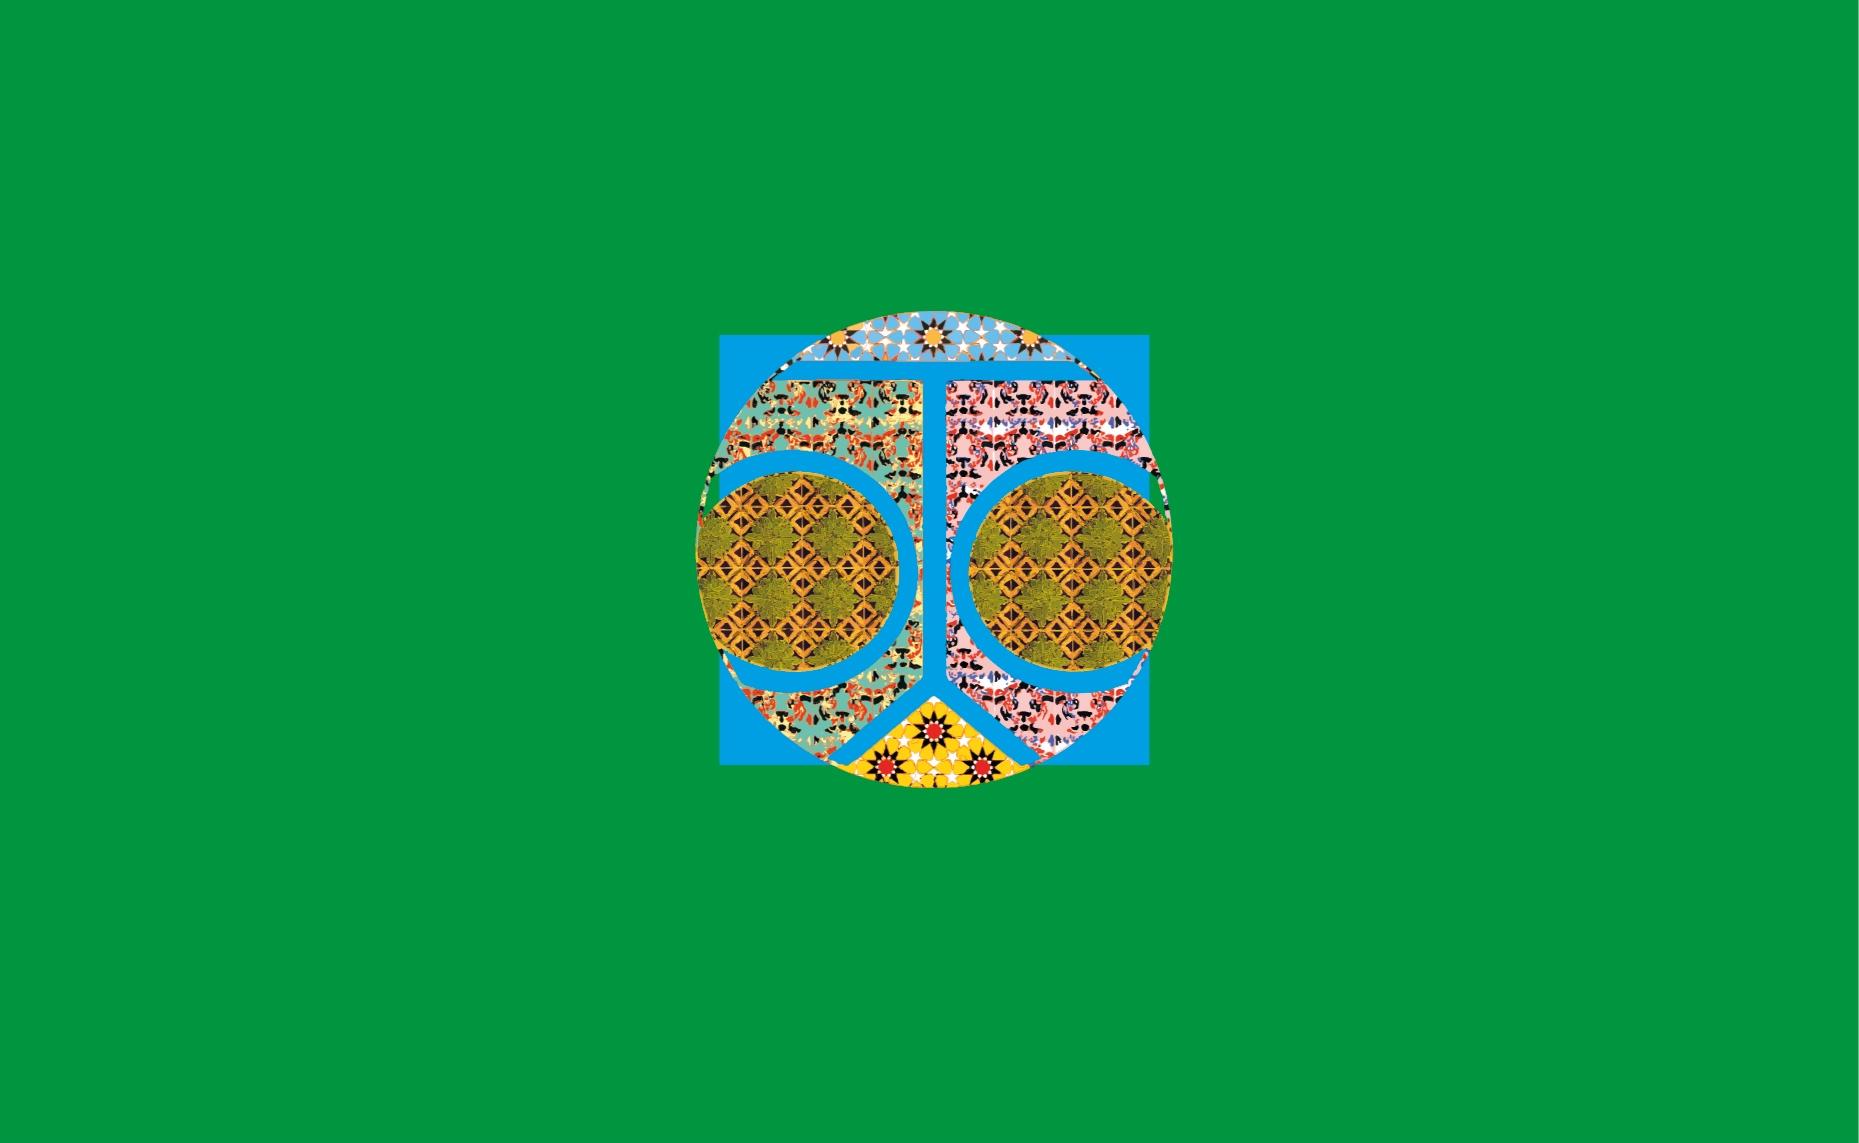 Asset+18+logo+light+blue+square+on+green.jpg